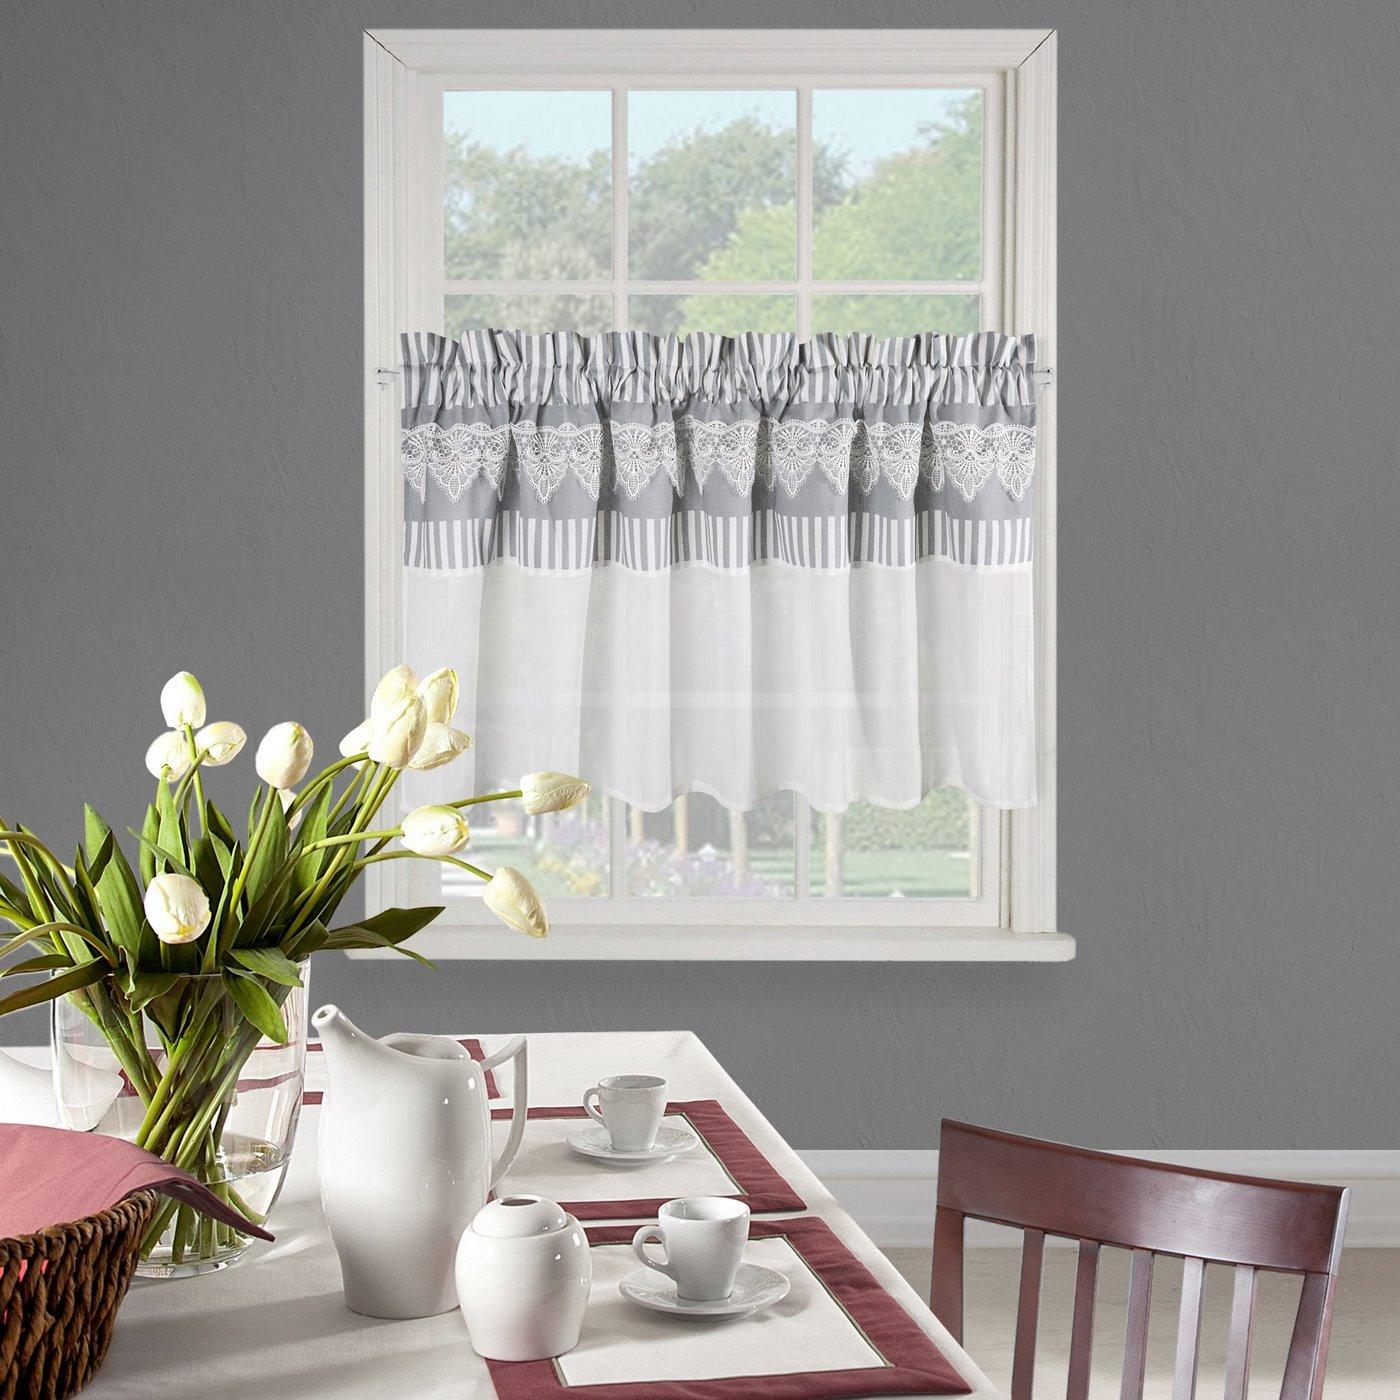 Firana zazdrostka 60 x 150 cm szaro biała z piękną koronką